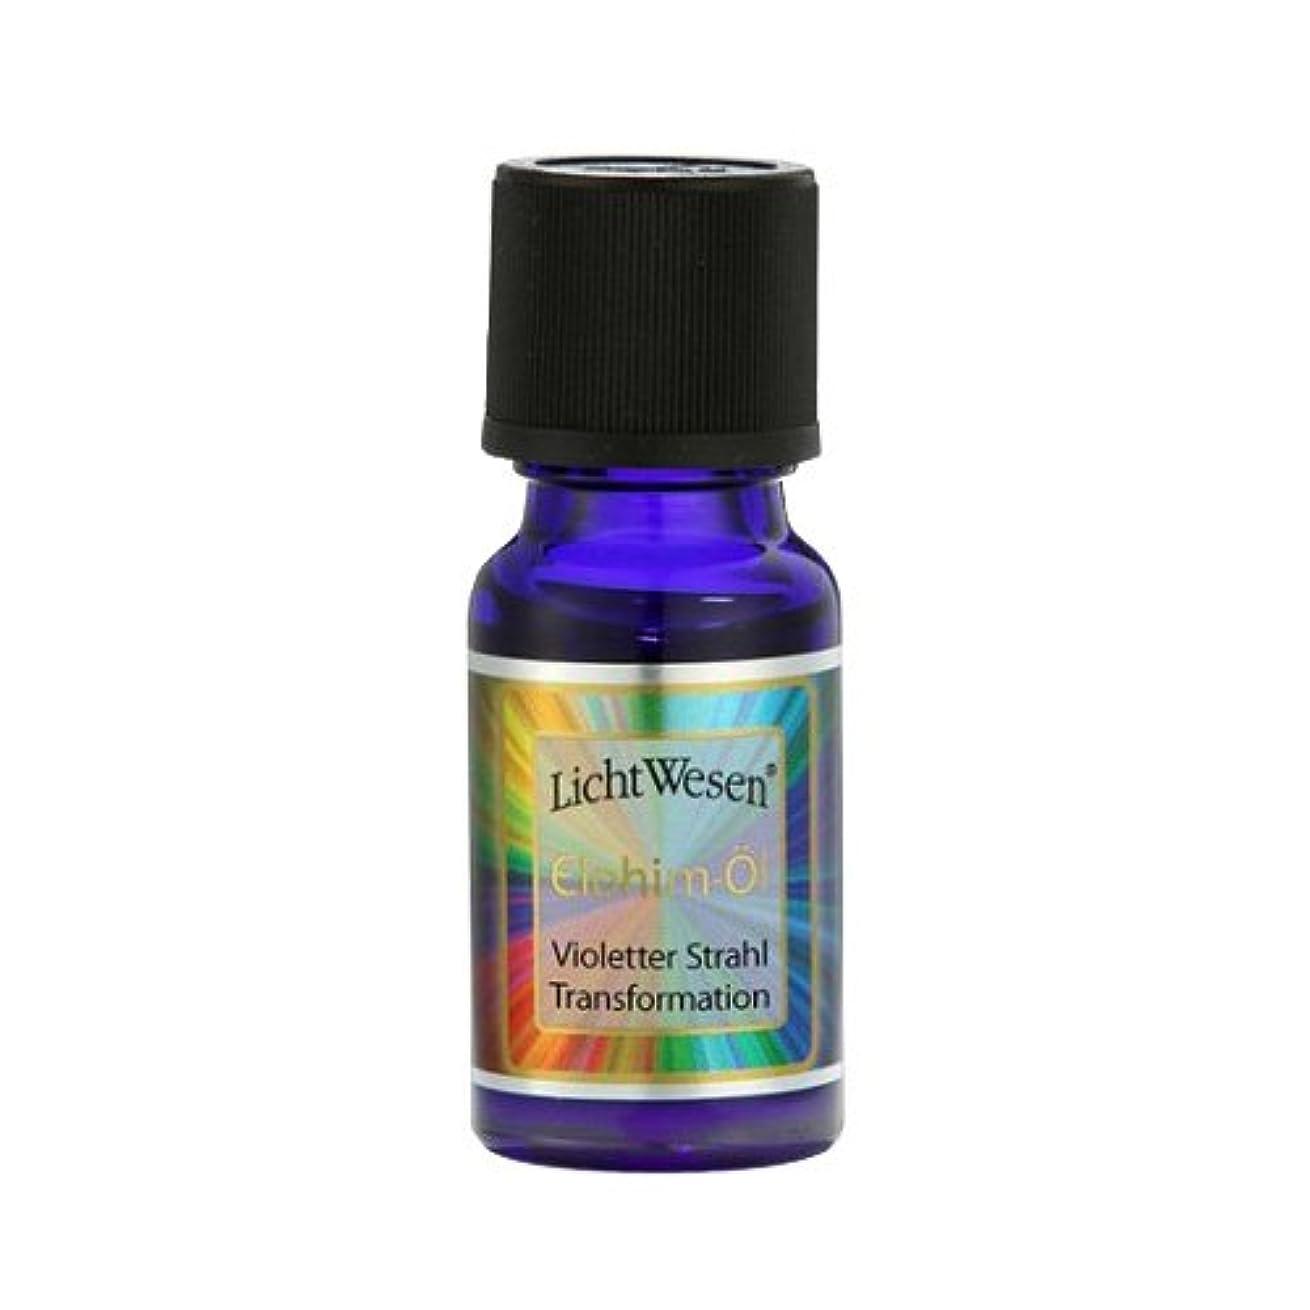 笑正確にダーツリヒトヴェーゼン No.61 エロヒム天使 紫の光 エネルギーオイル 10ml